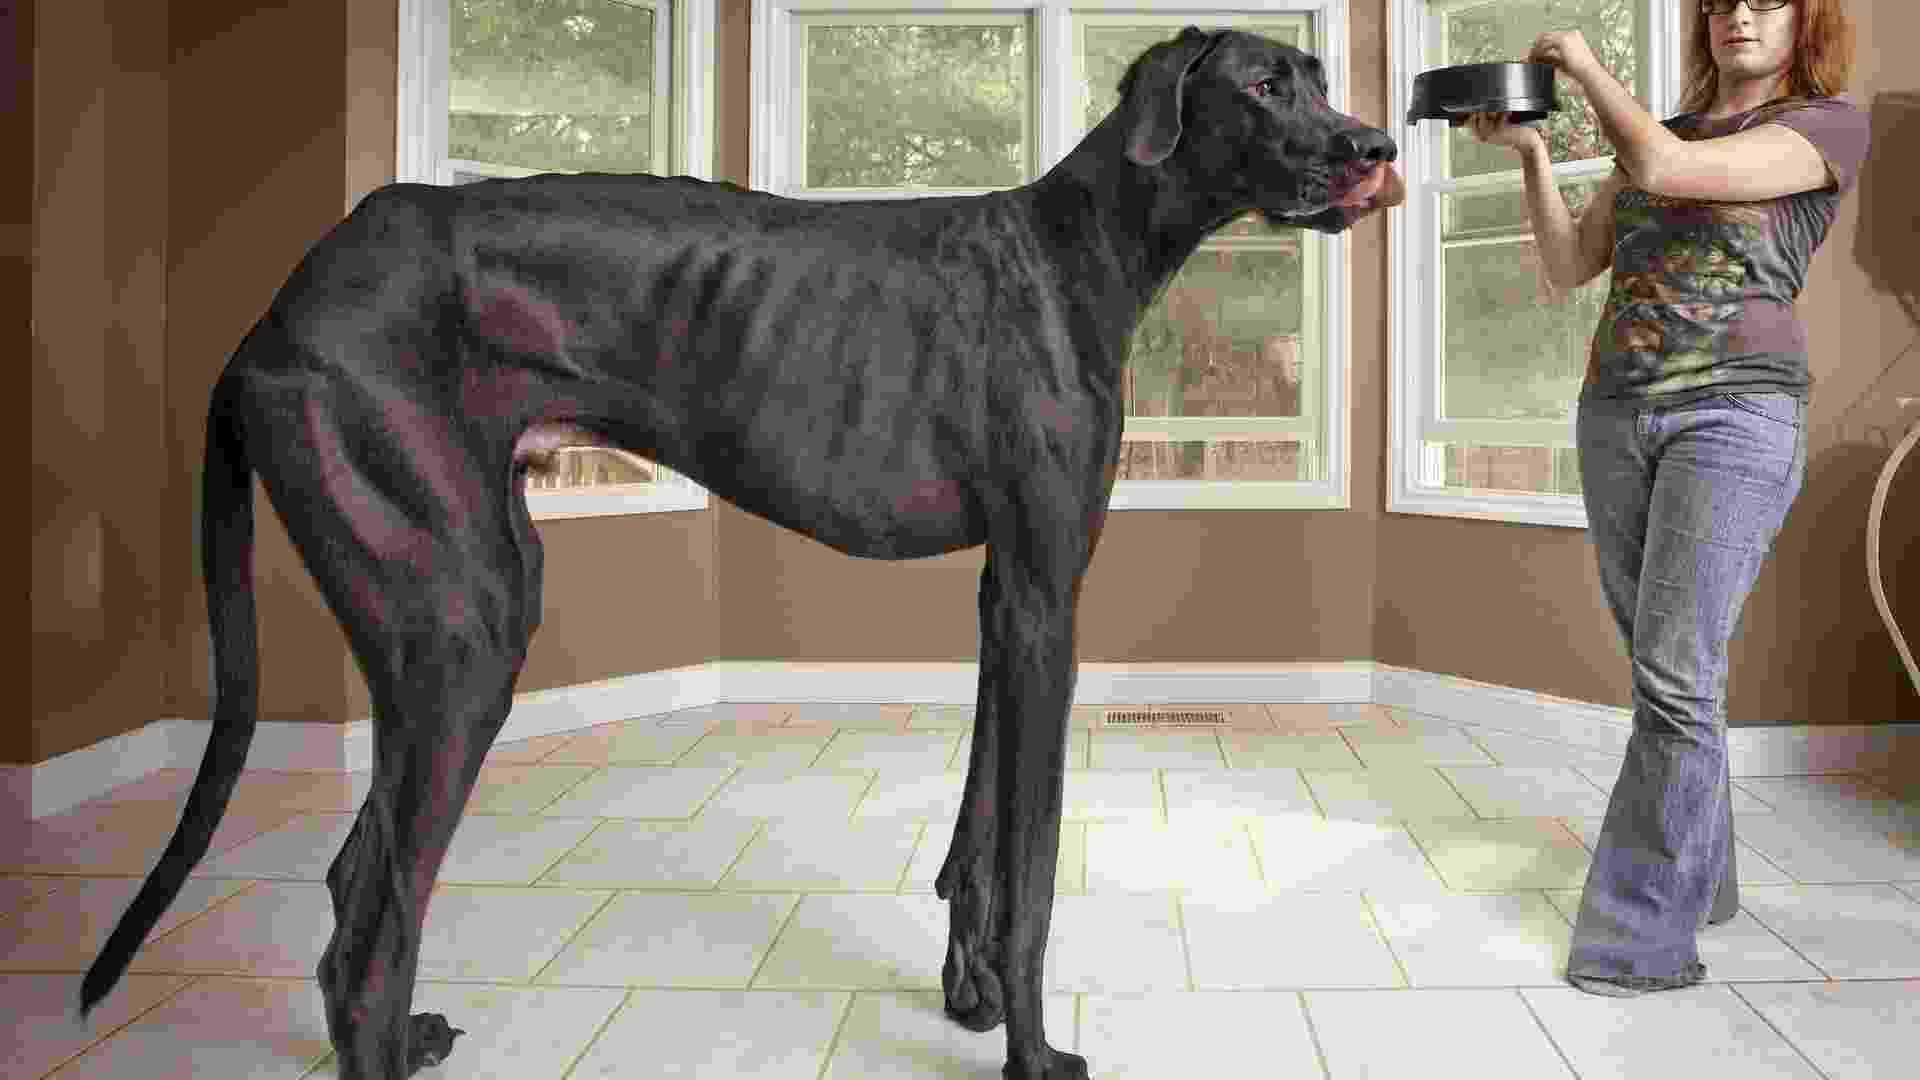 13.set.2012 - Um cão dinamarquês que vive na cidade de Otsego, em Michigan, nos Estados Unidos, foi eleito pelo Guiness Book como o cão mais alto do mundo.O animal, chamado de Zeus, tem três anos de idade e mede 1,12 m de altura - Efe